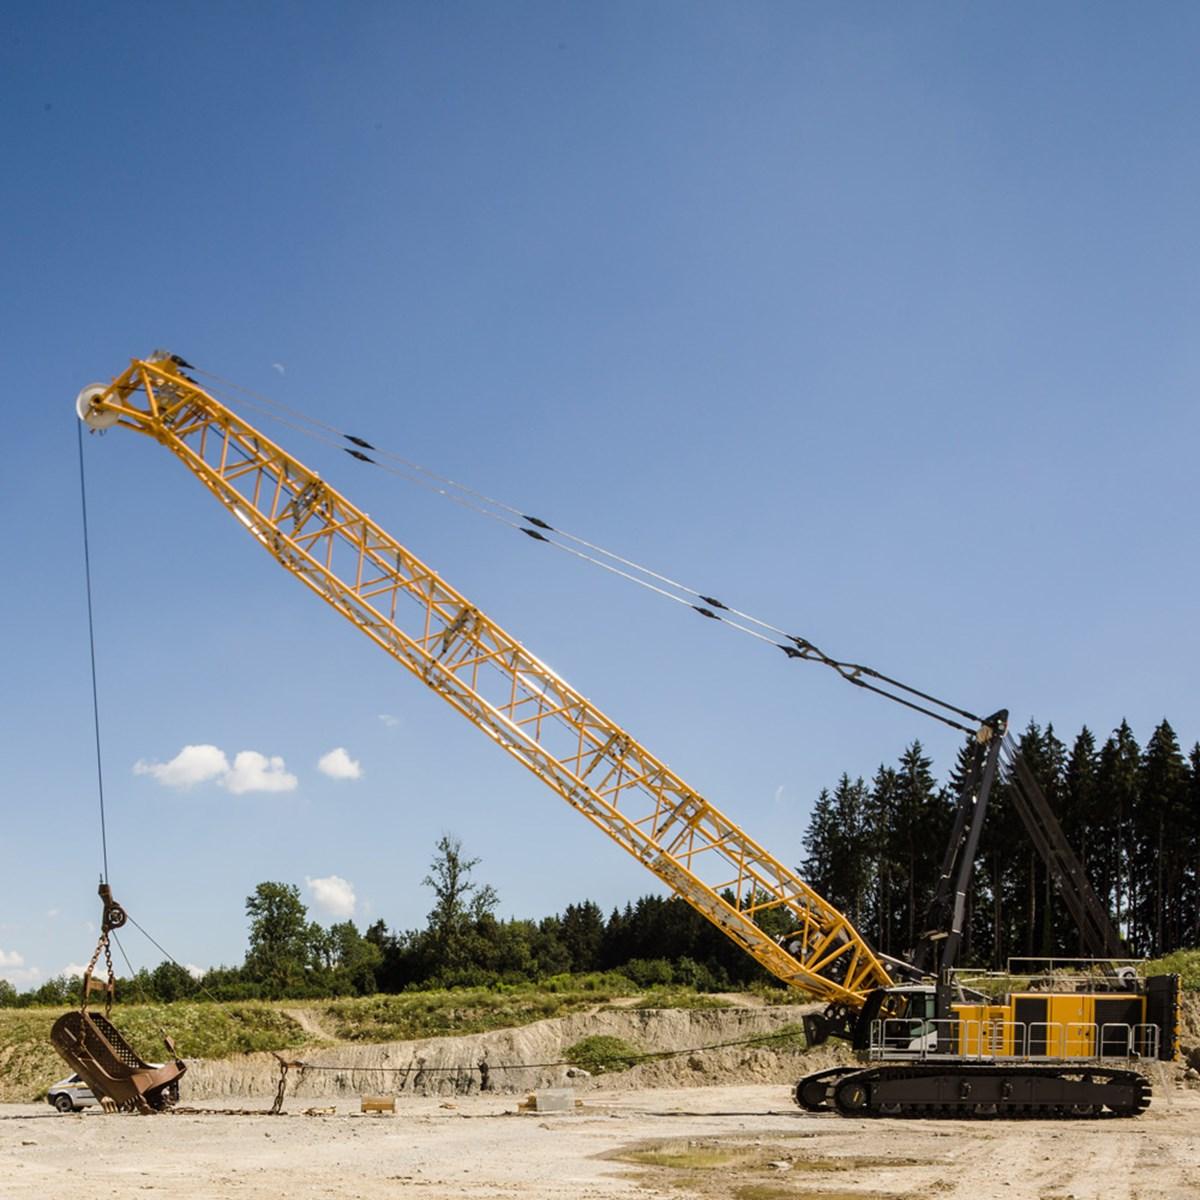 liebherr-hs-8200-seilbagger-duty-cycle-crawler-crane-dragline-schuerfkuebel-4.jpg